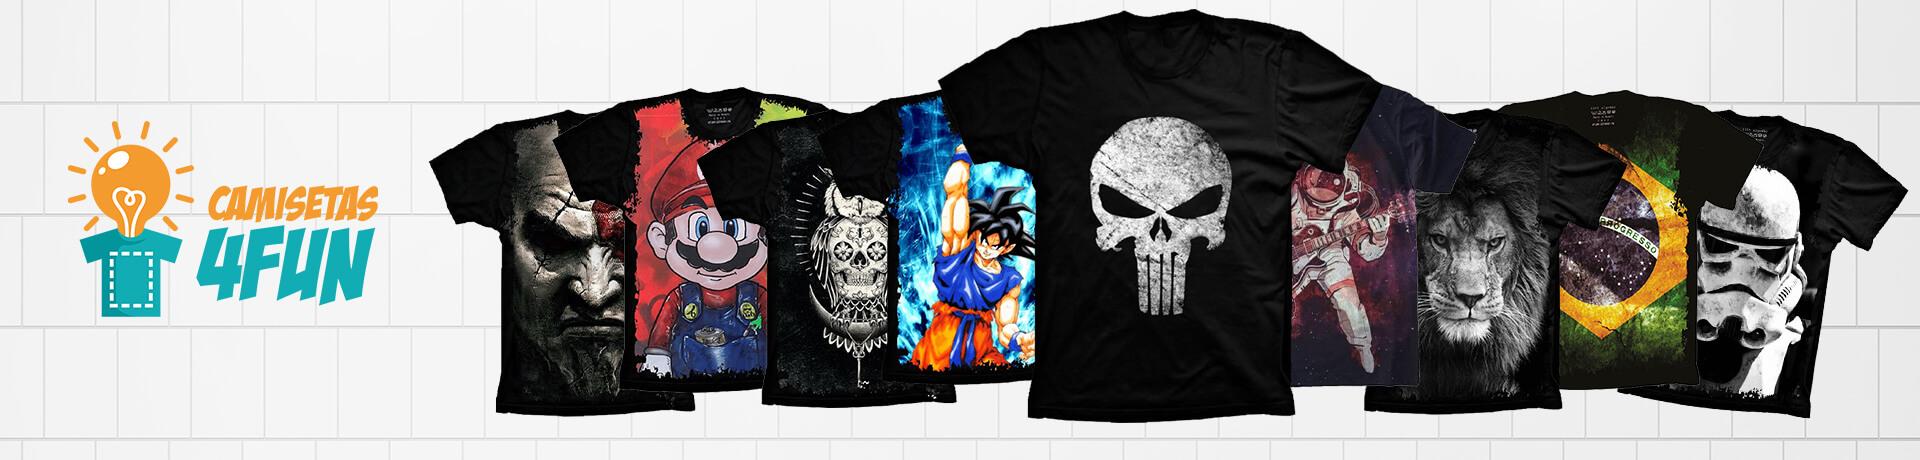 Camisetas 4FUN